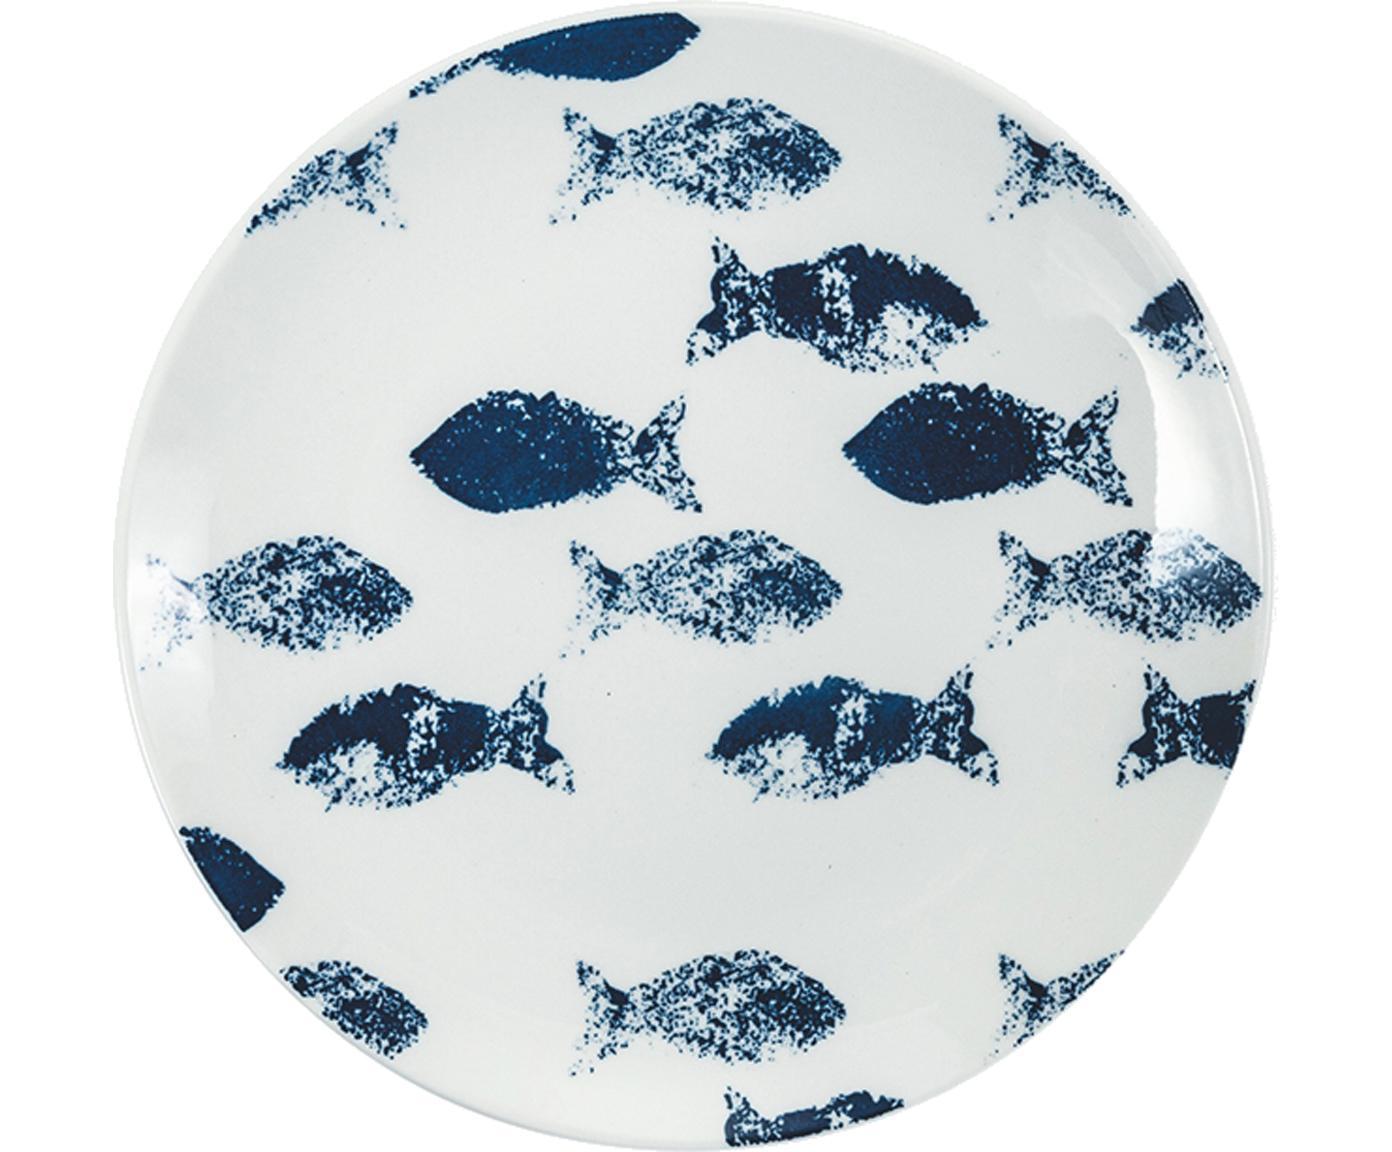 Komplet naczyń  Playa, 18 elem., Porcelana, Niebieski, Różne rozmiary